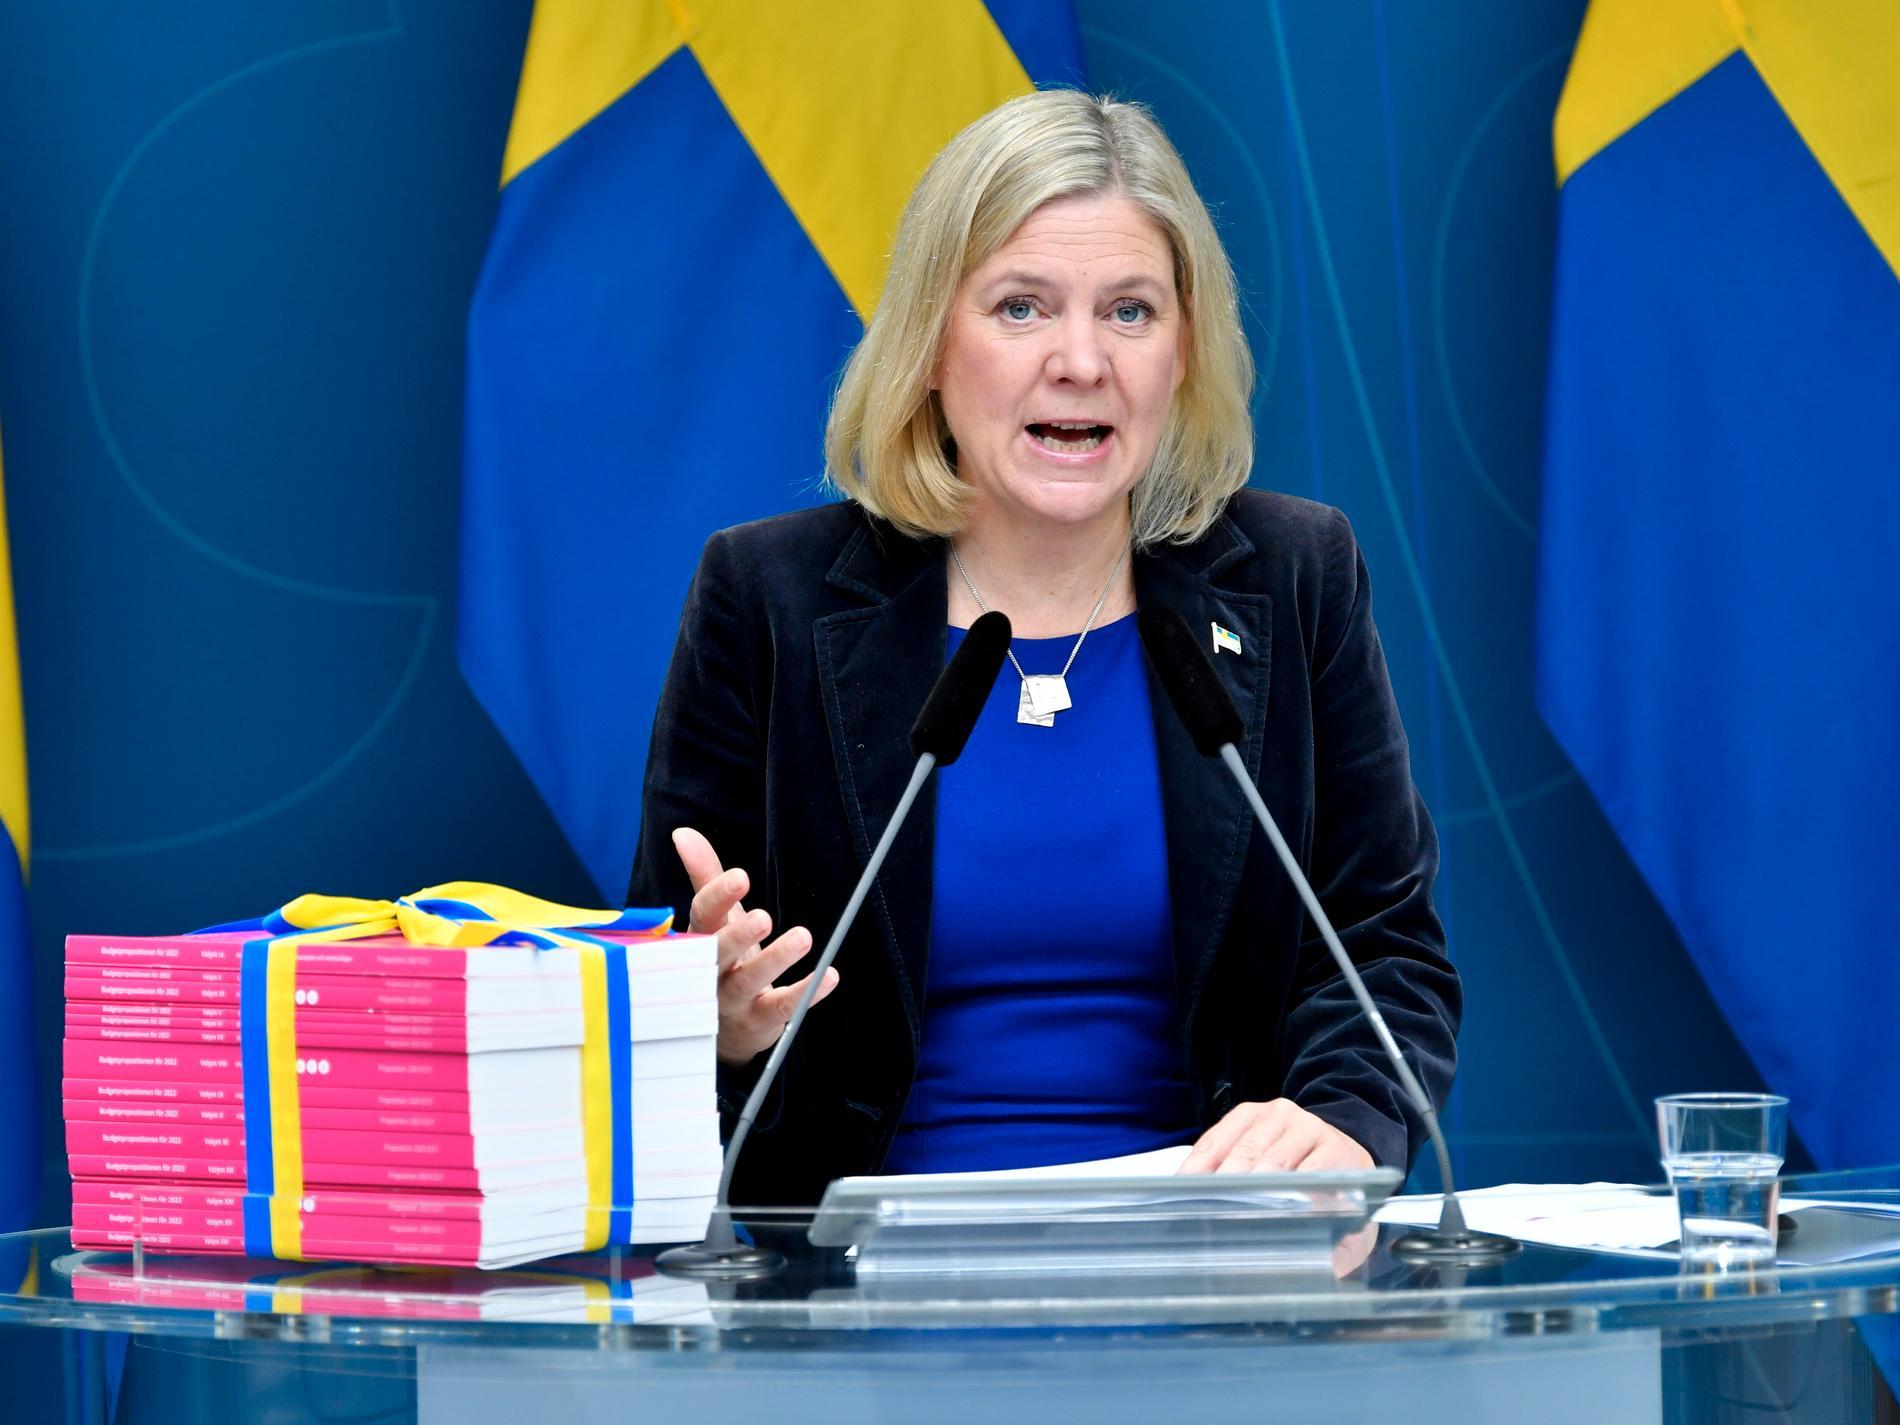 Finansminister Magdalena Andersson (S) presenterar budgetpropositionen för 2022 vid en pressträff i Rosenbad. I november kan hon bli ny partiledare för Socialdemokraterna. Arkivbild.